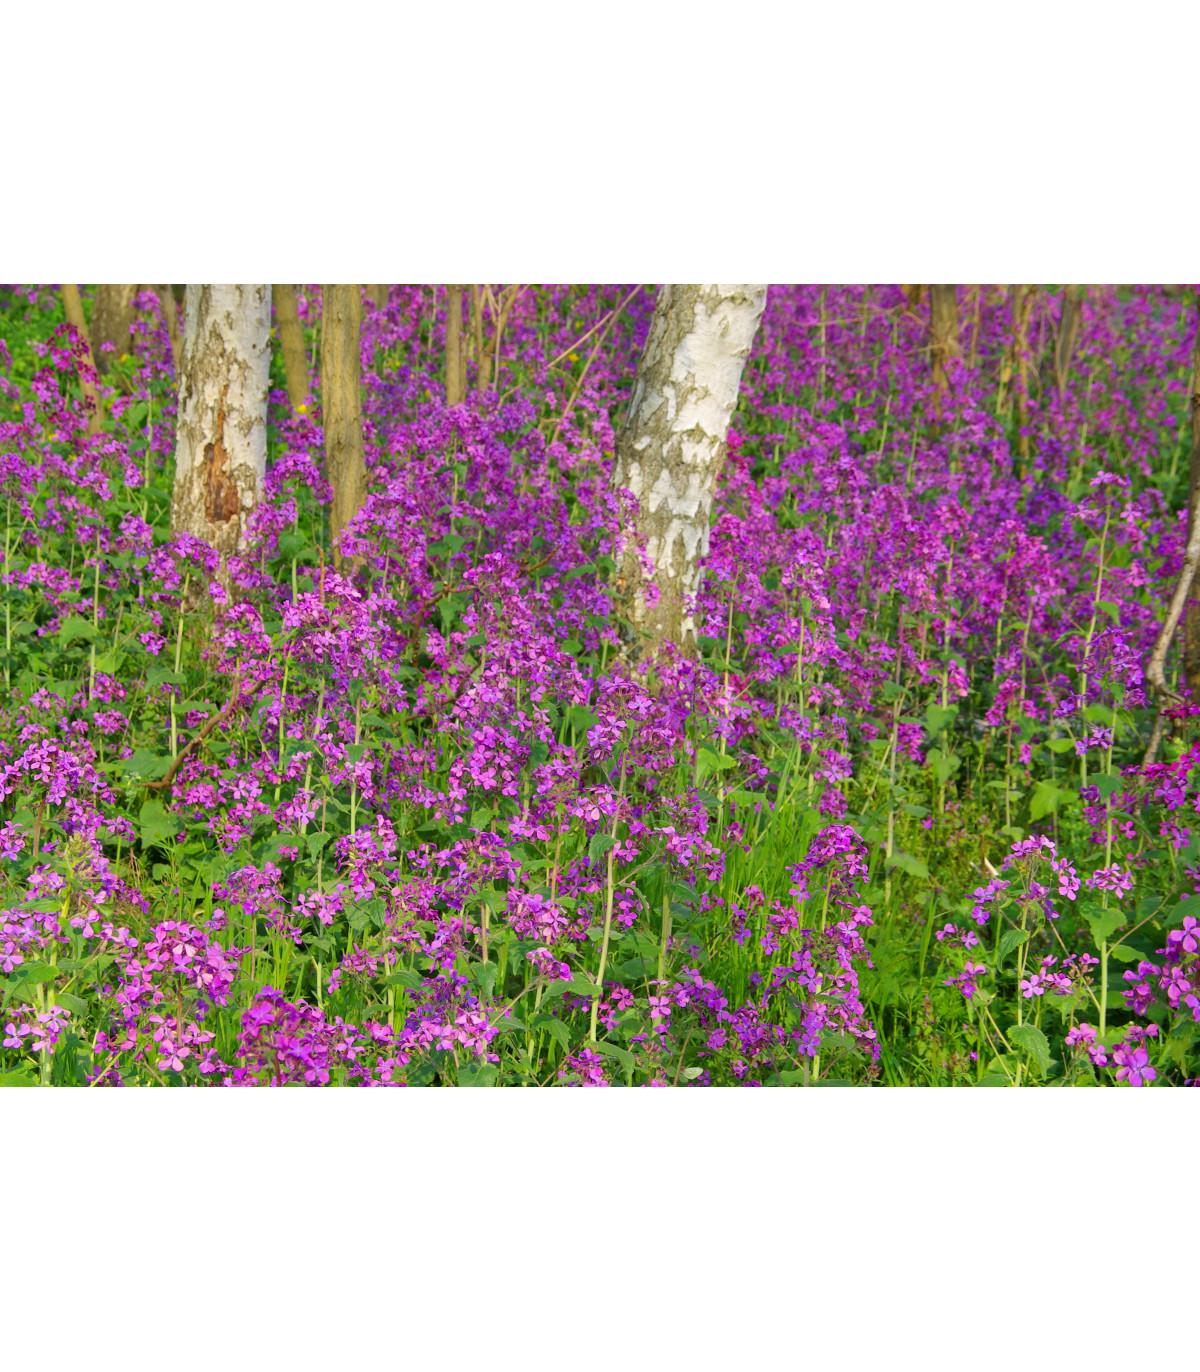 Mesačnica ročná fialová Honesty - Lunaria annua - predaj semien - 50 ks